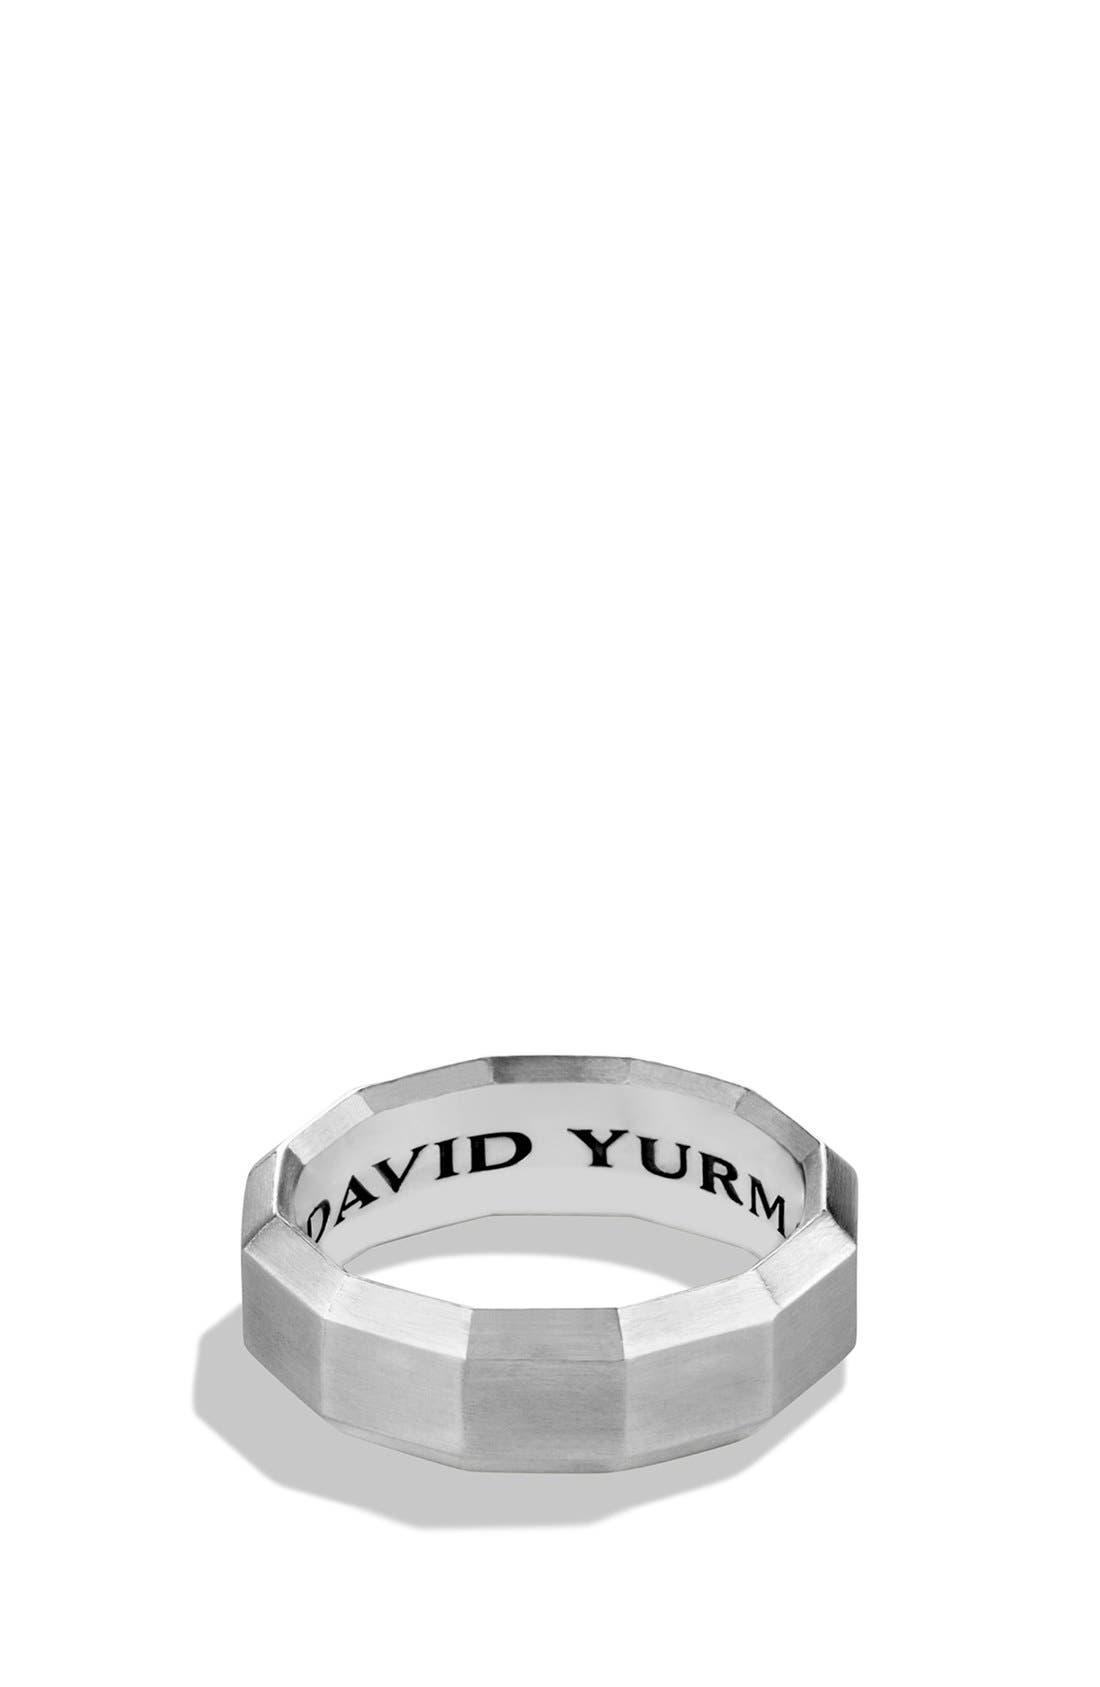 David Yurman 'Faceted Metal' Band Ring